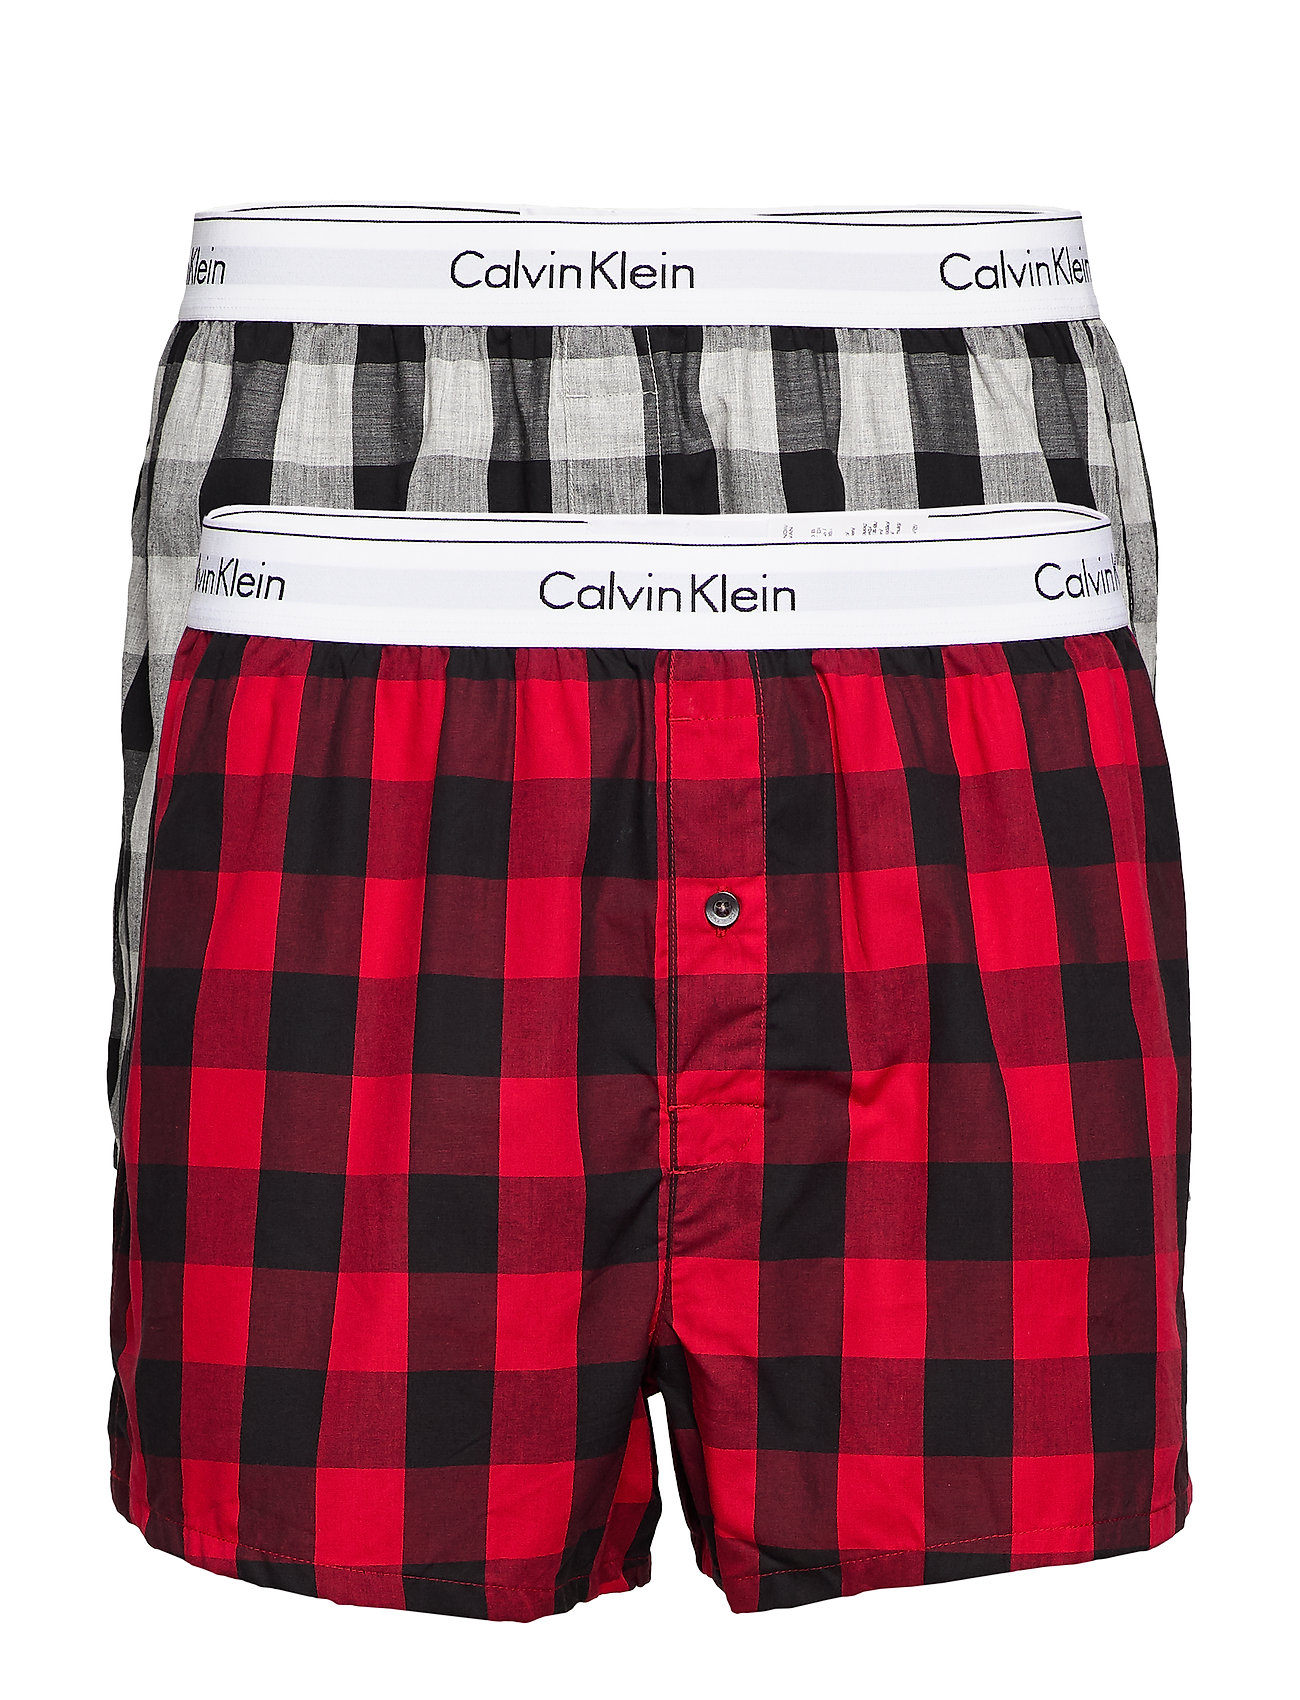 Calvin Klein BOXER SLIM 2PK - BUFFALO CHECK TEMPER / GREY HE